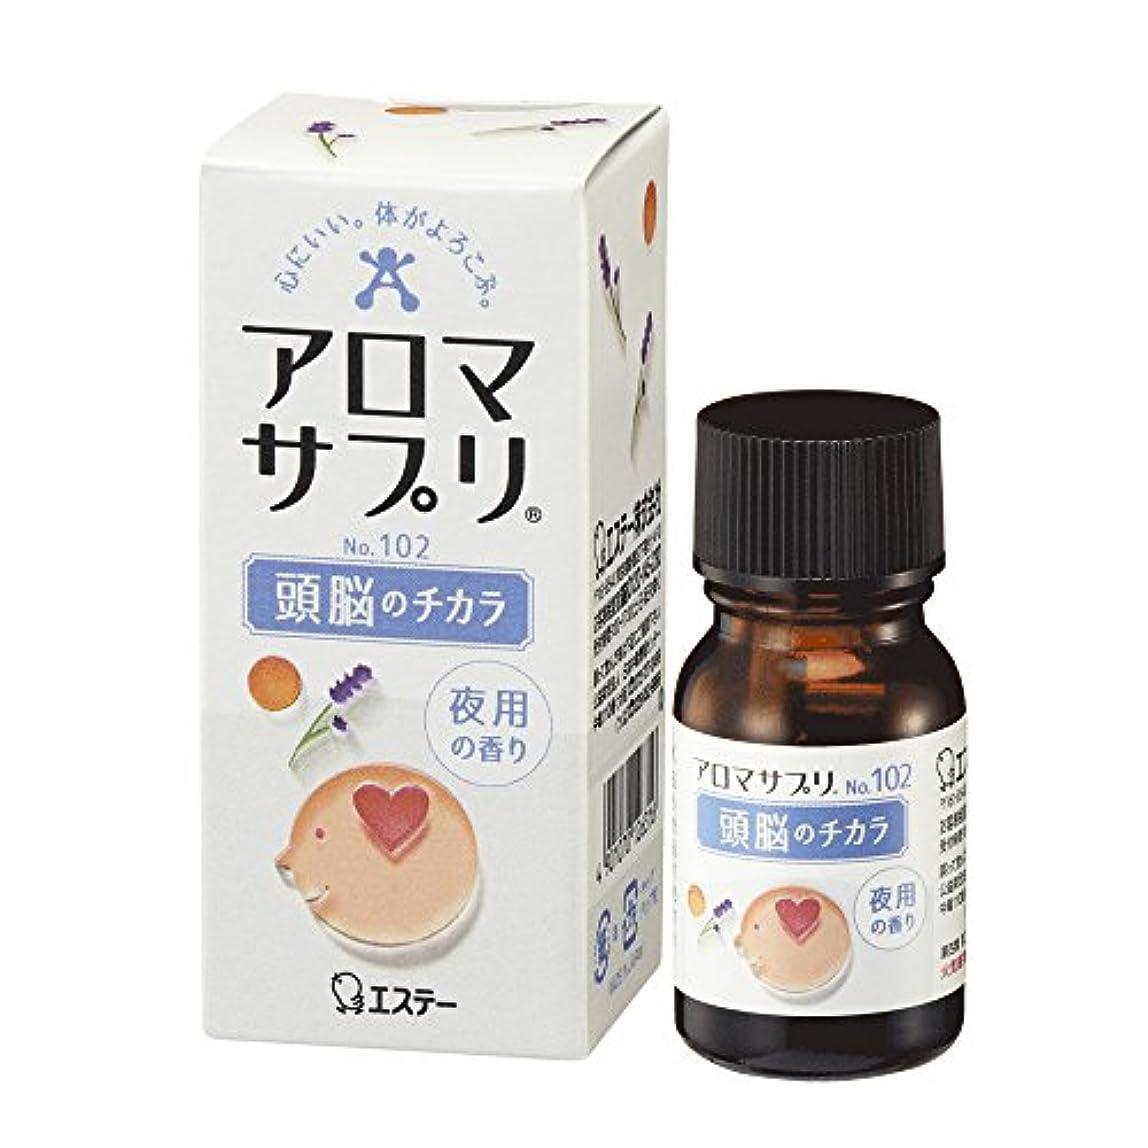 滞在退屈なニッケルアロマサプリ 100%天然ブレンドアロマ 頭脳のチカラ 夜用の香り 真正ラベンダー&スイートオレンジ 10ml (約60回分)